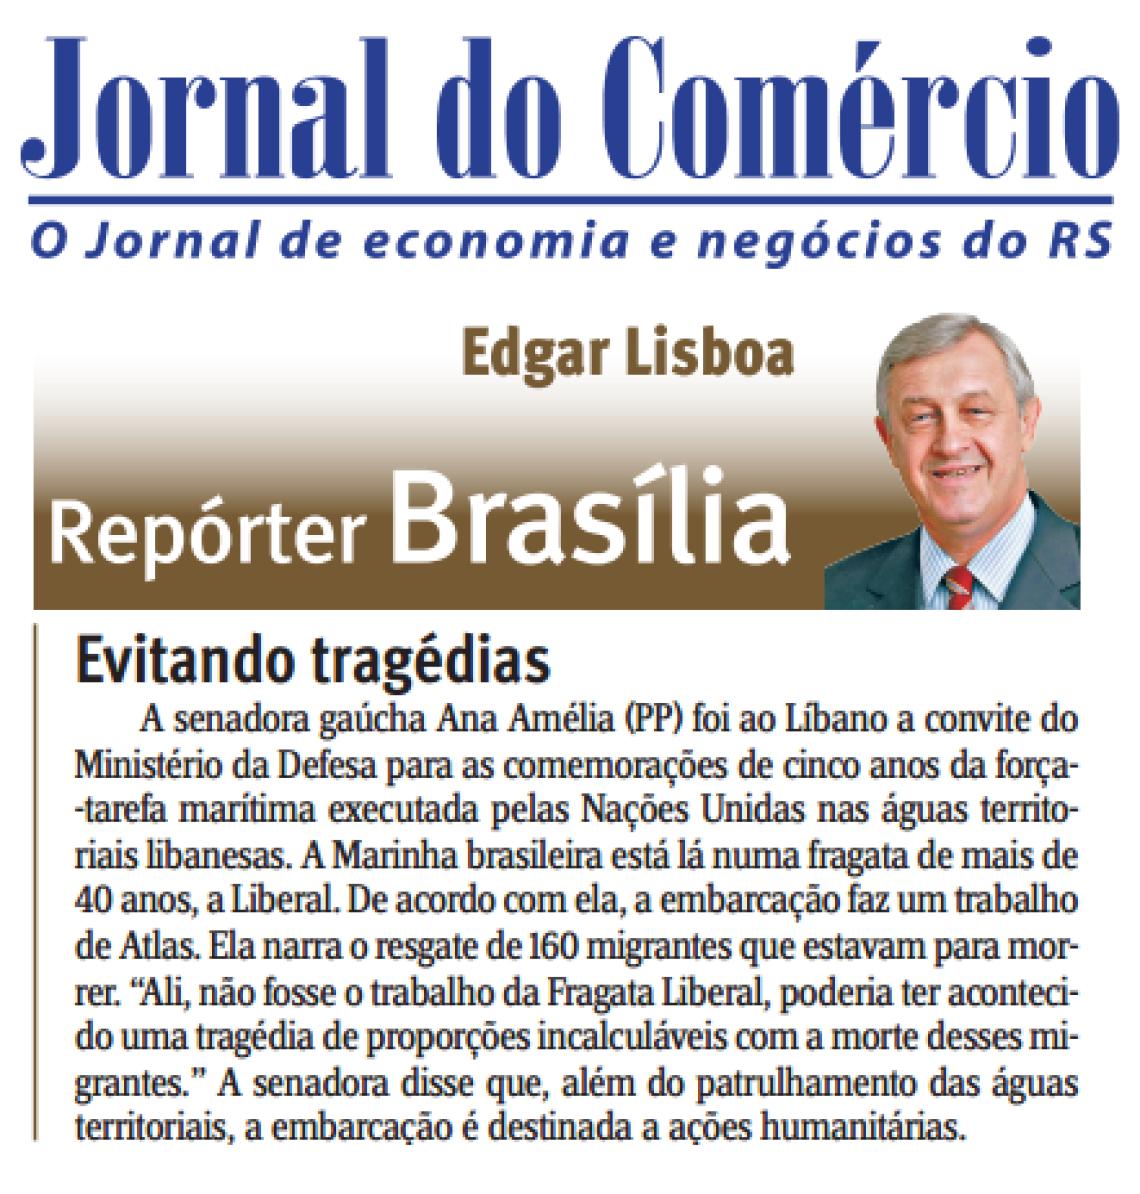 Jornal do Comércio: Edgar Lisboa - Evitando Tragédias